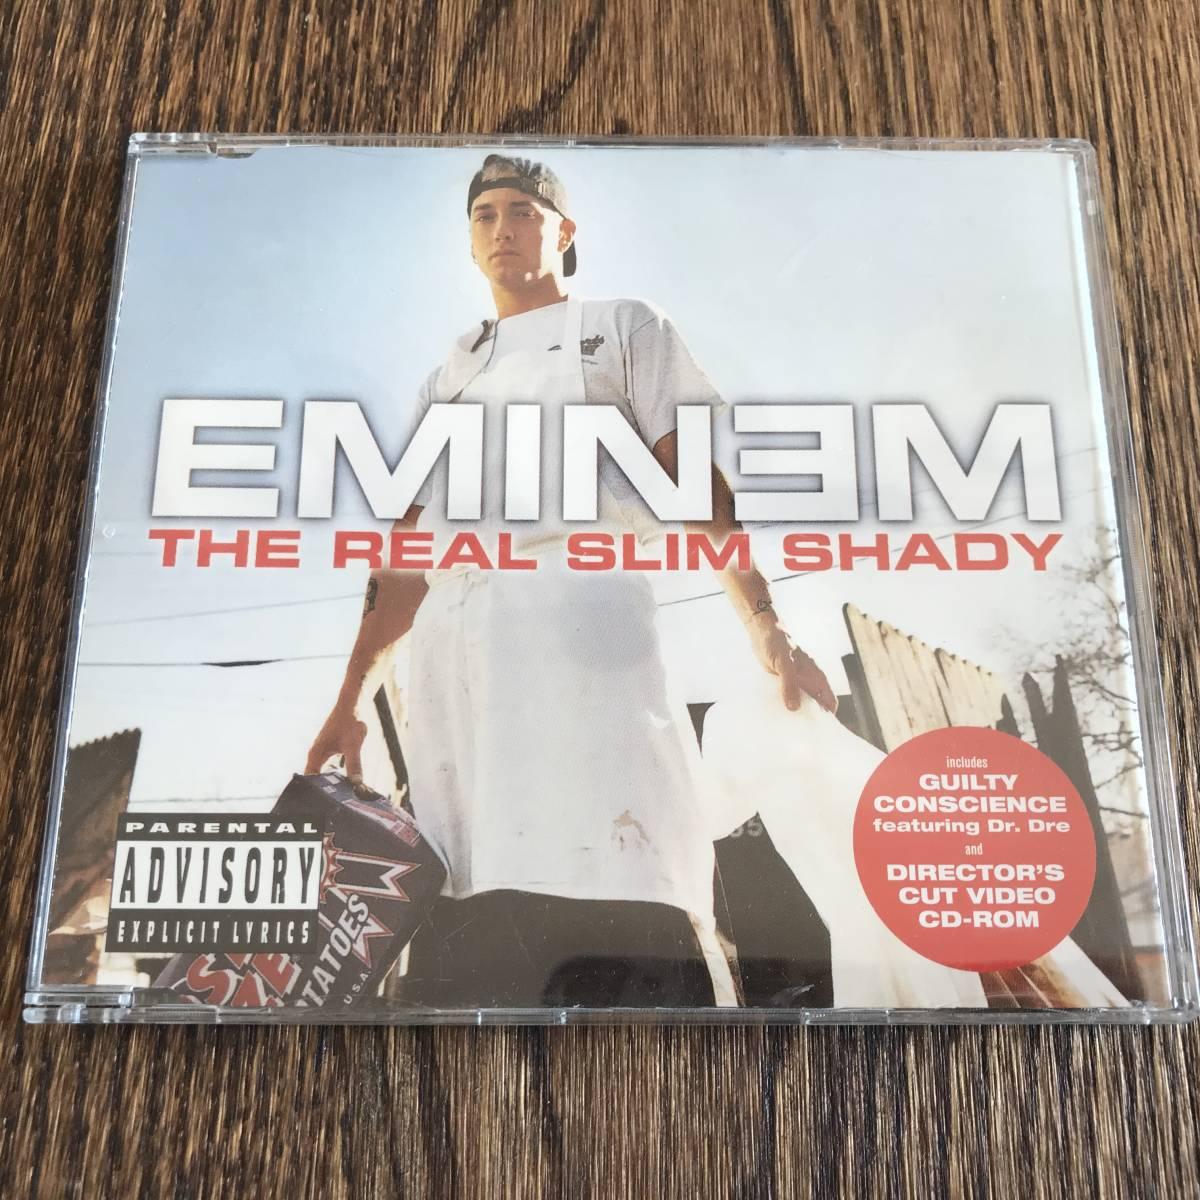 EMINEM / THE REAL SLIM SHADY [CDS]